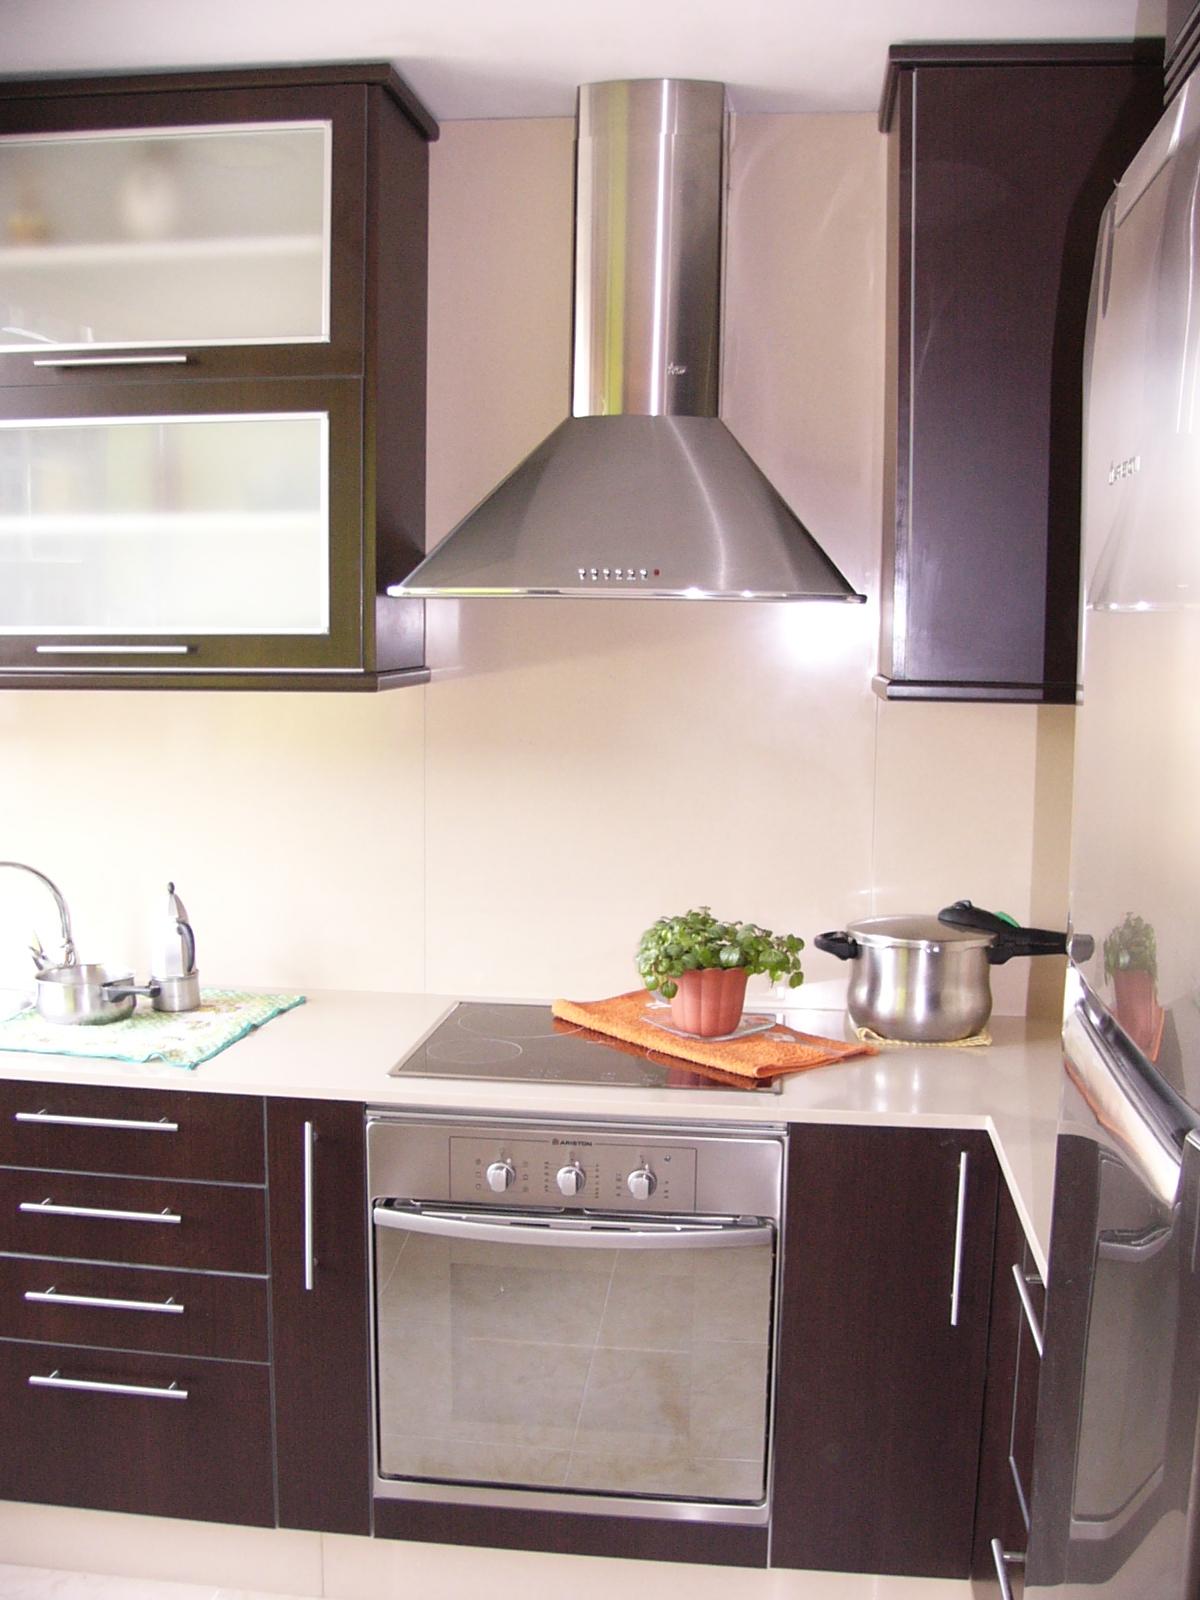 Sfc muebles sostenibles y creativos cocinas - Encimeras de cocina de formica ...